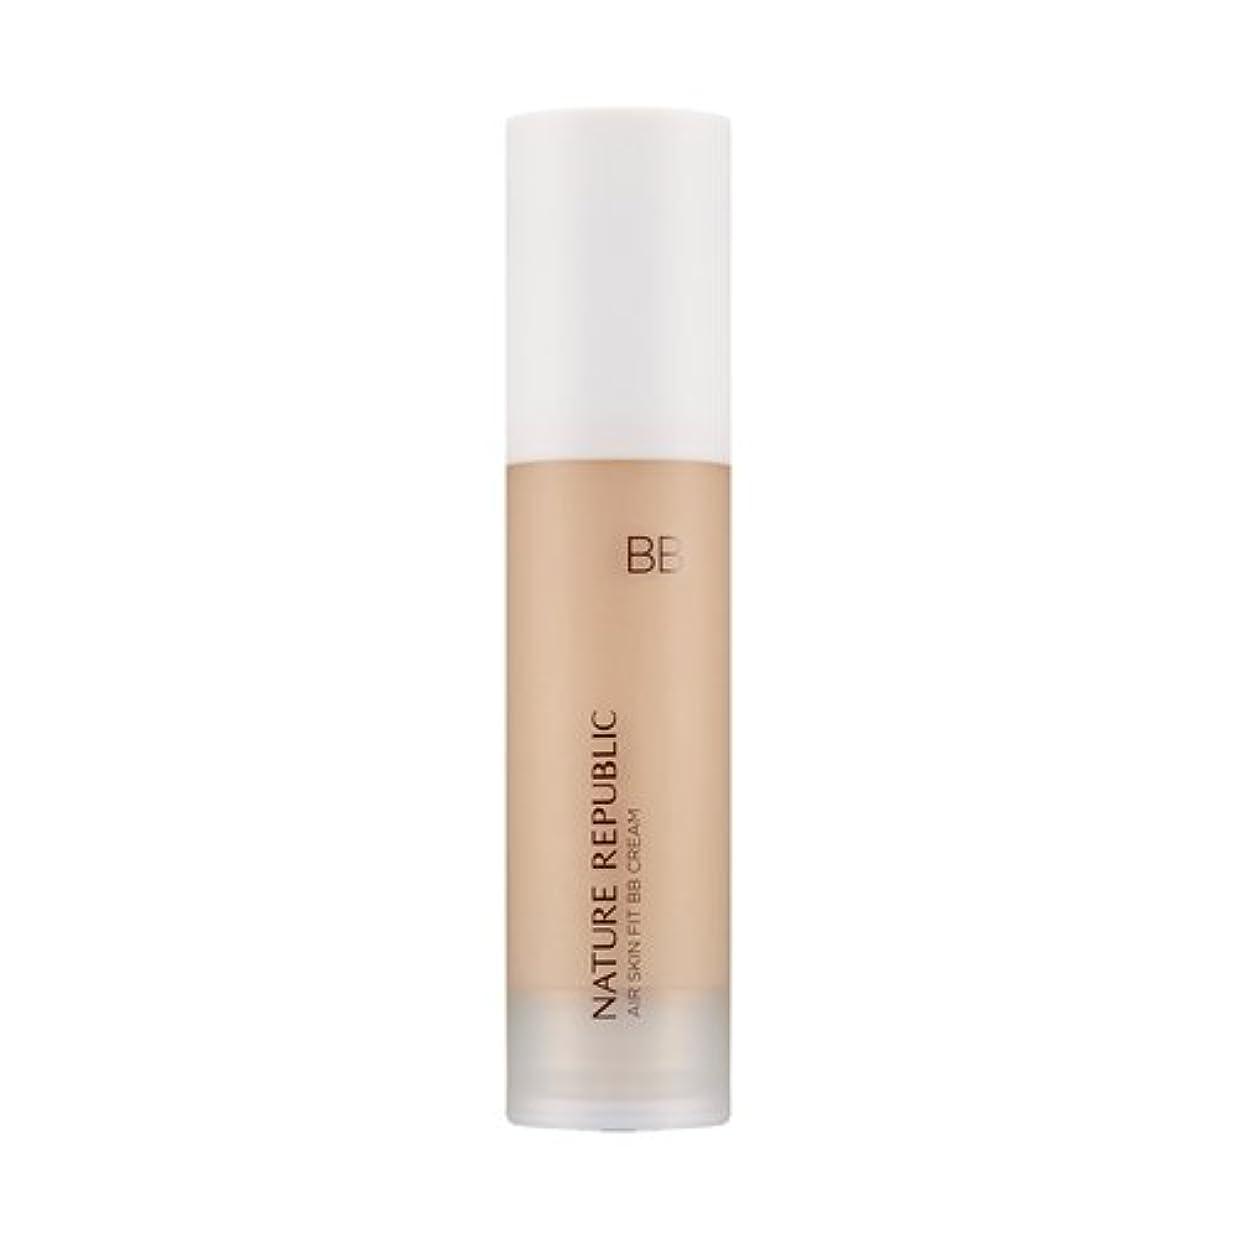 運命磁気額NATURE REPUBLIC Provence Air Skin Fit BB Cream #02 Natural Beige / ネイチャーリパブリック プロヴァンスエアスキンフィットBBクリーム (#02 Natural Beige) [並行輸入品]